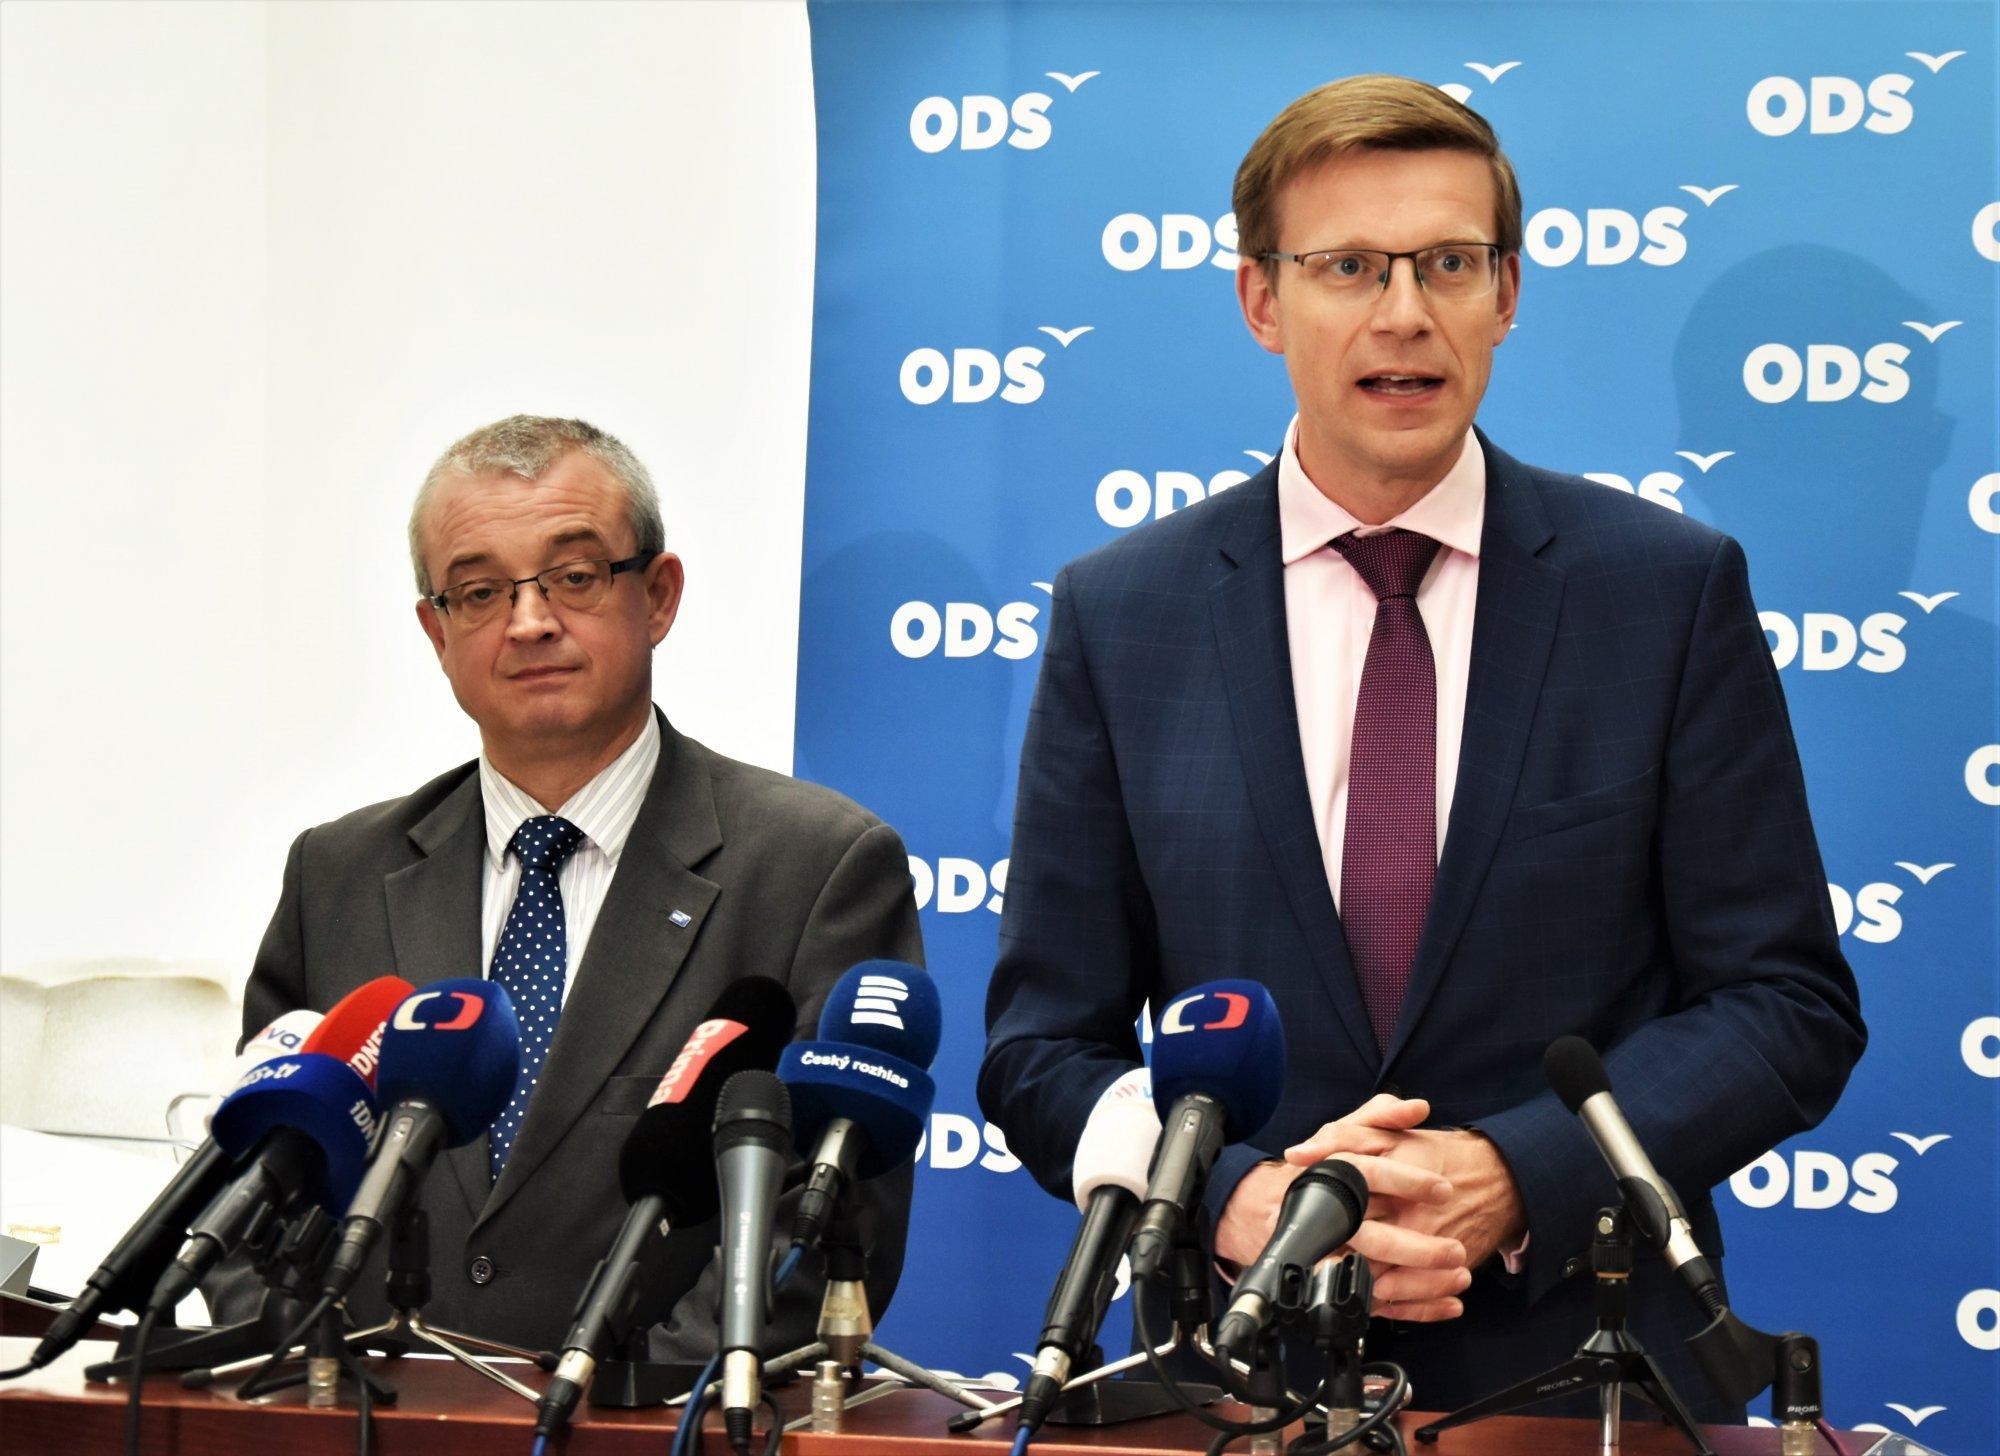 ODS: Účinnost dvakrát ročně a tabulka povinností. Předkládáme návrhy, které zpřehlední právní řád ČR